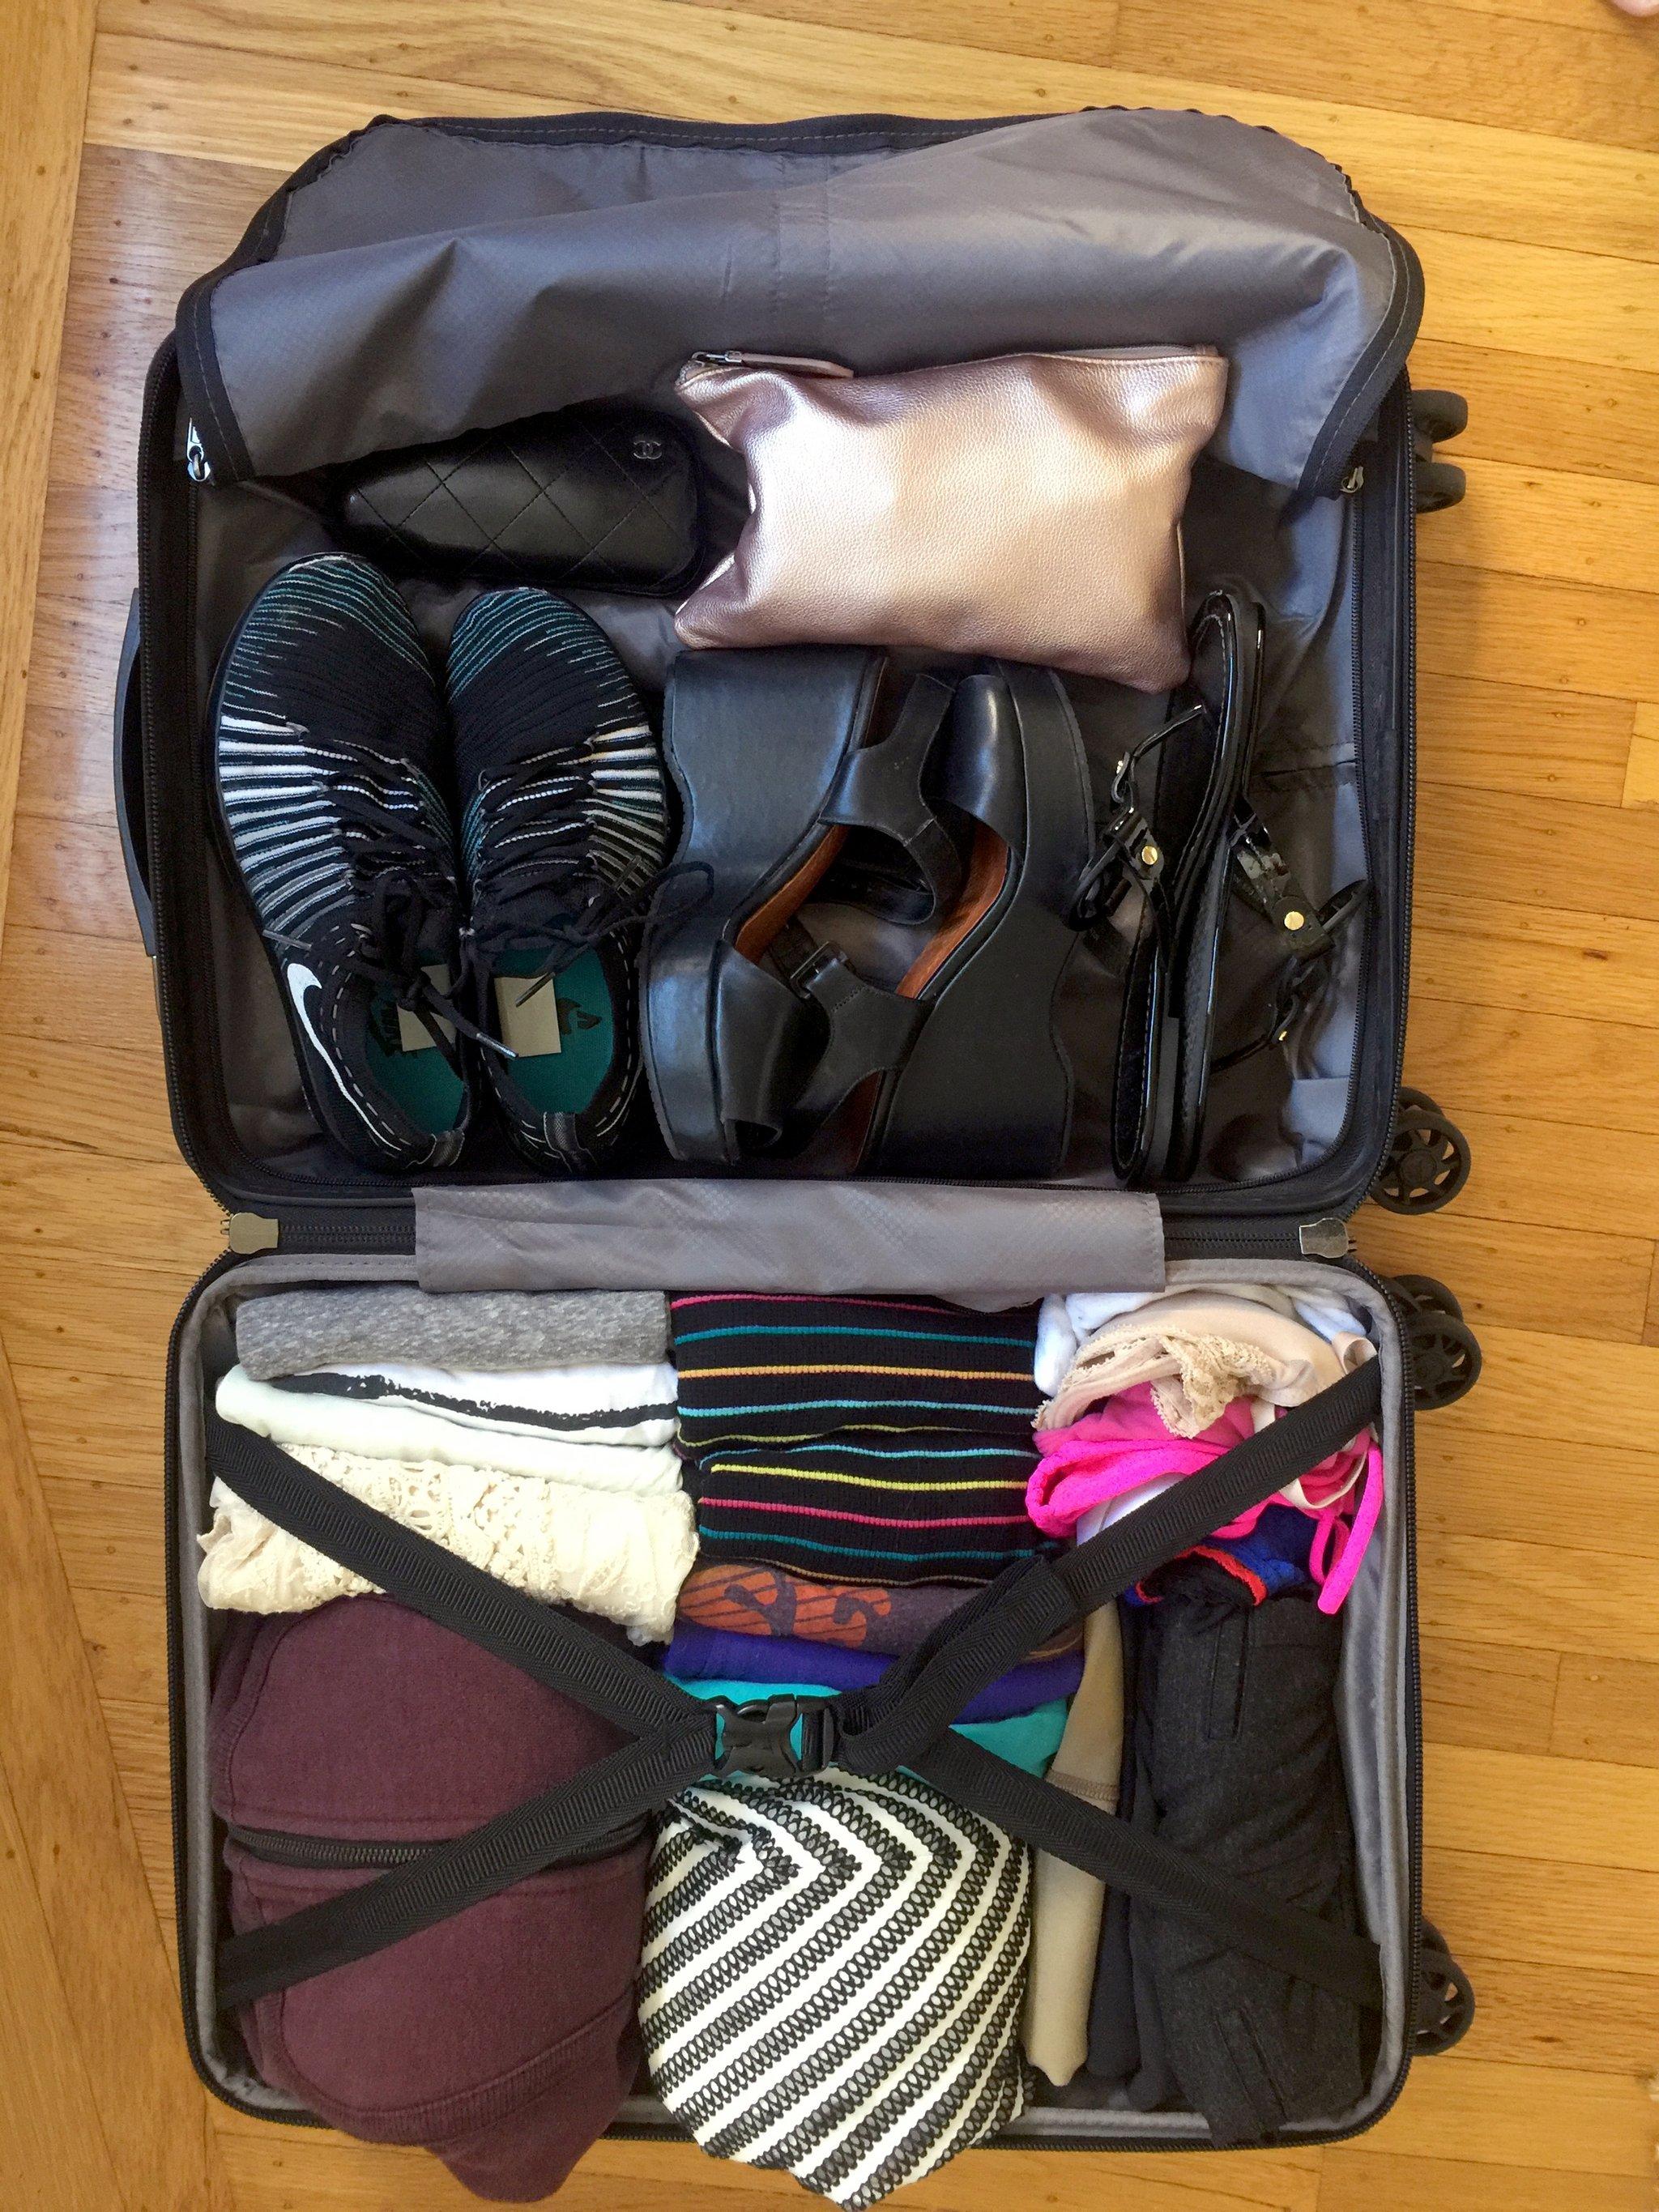 Így pakold be a bőröndöd praktikusan a Kondo-módszerrel